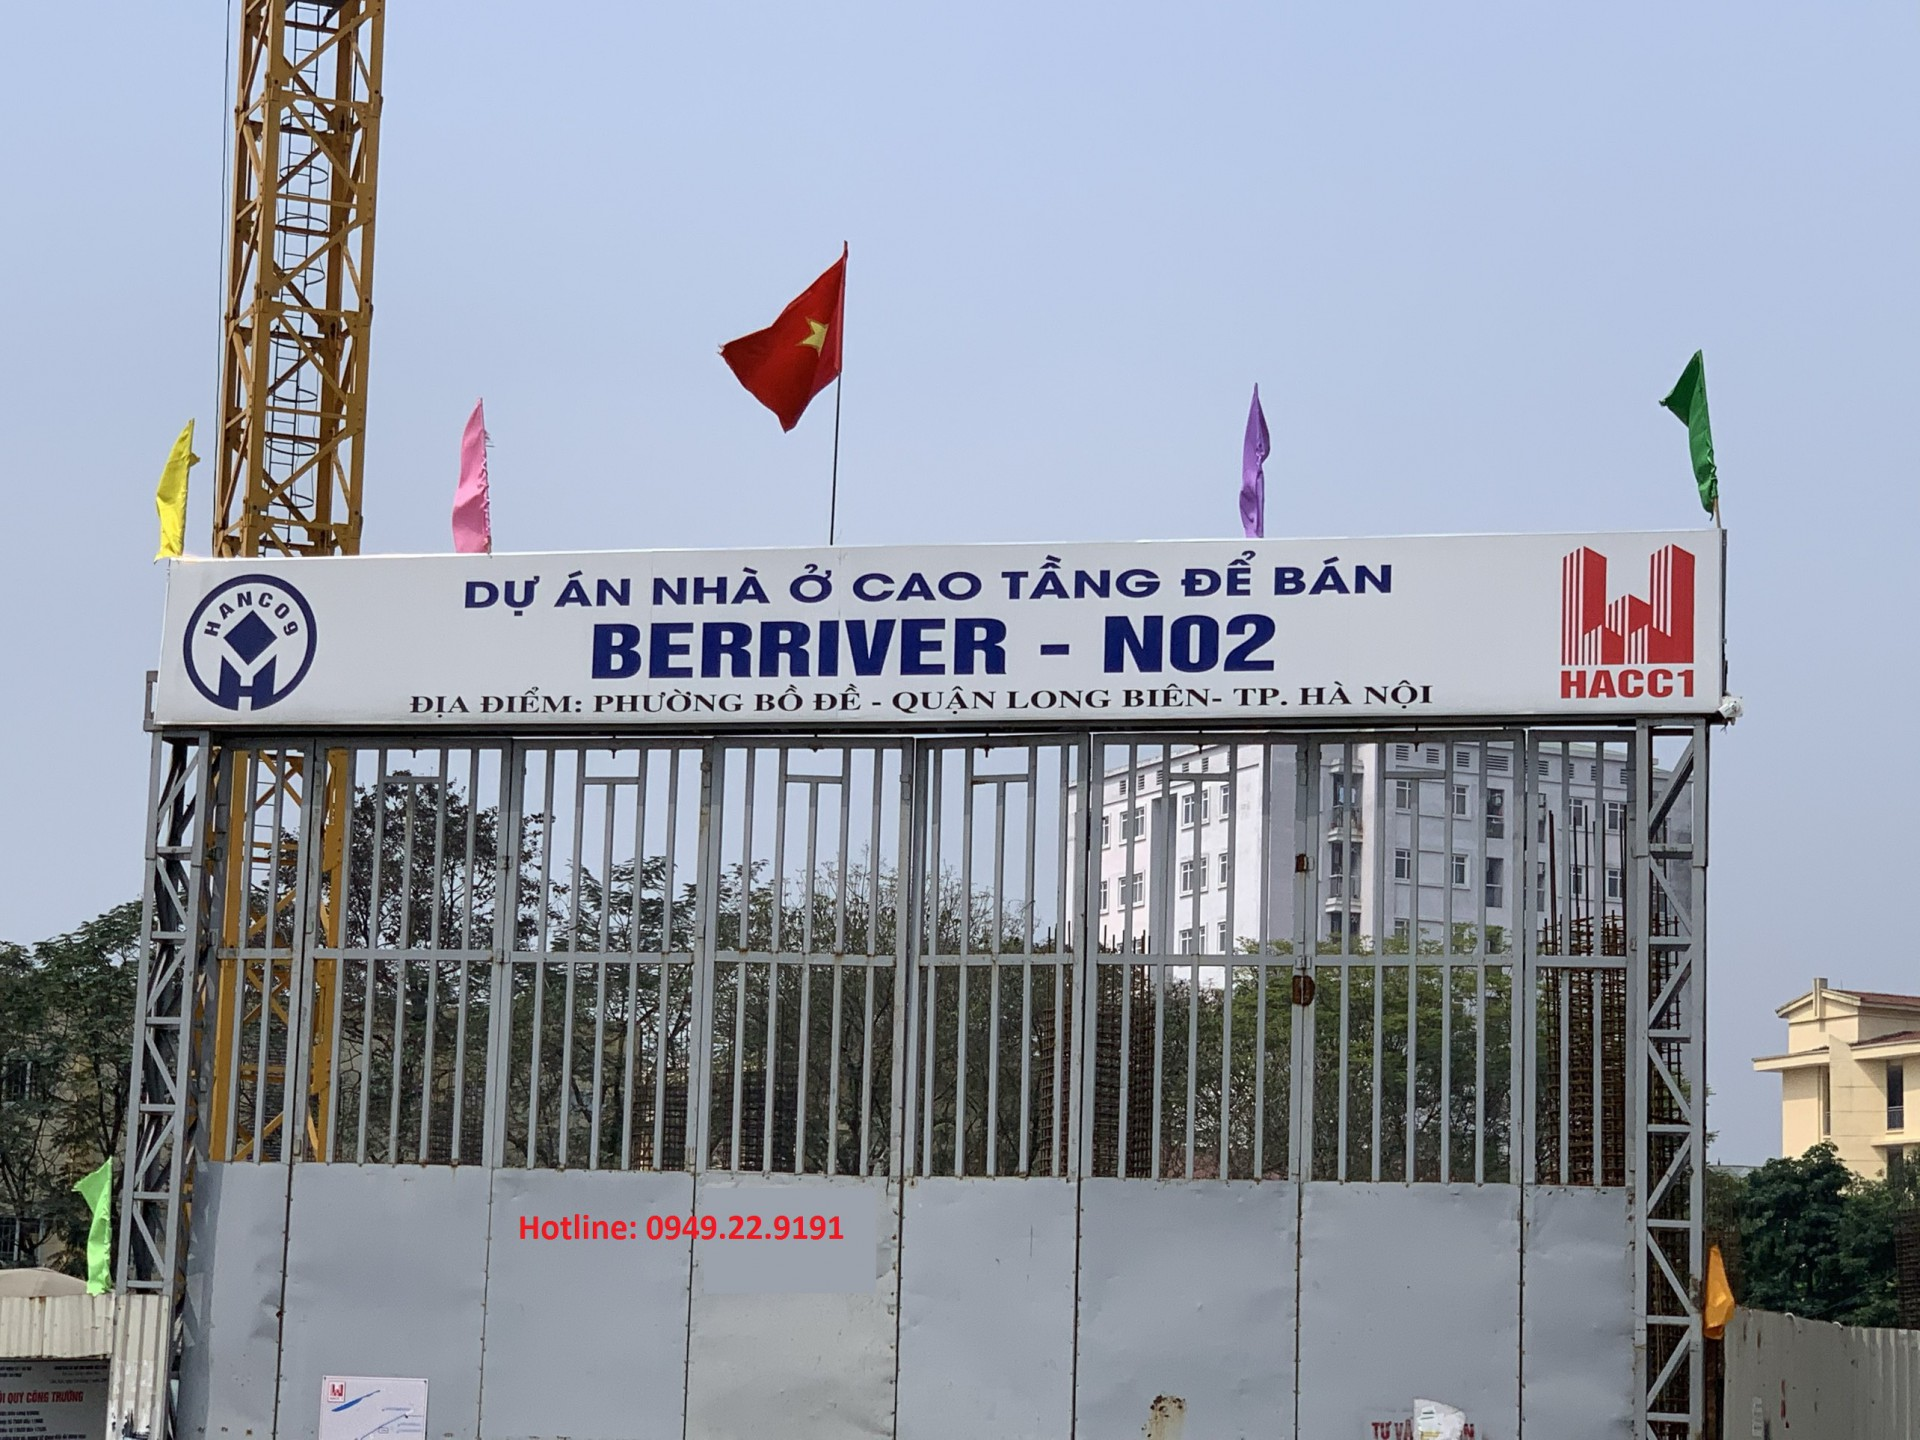 Berriver No2